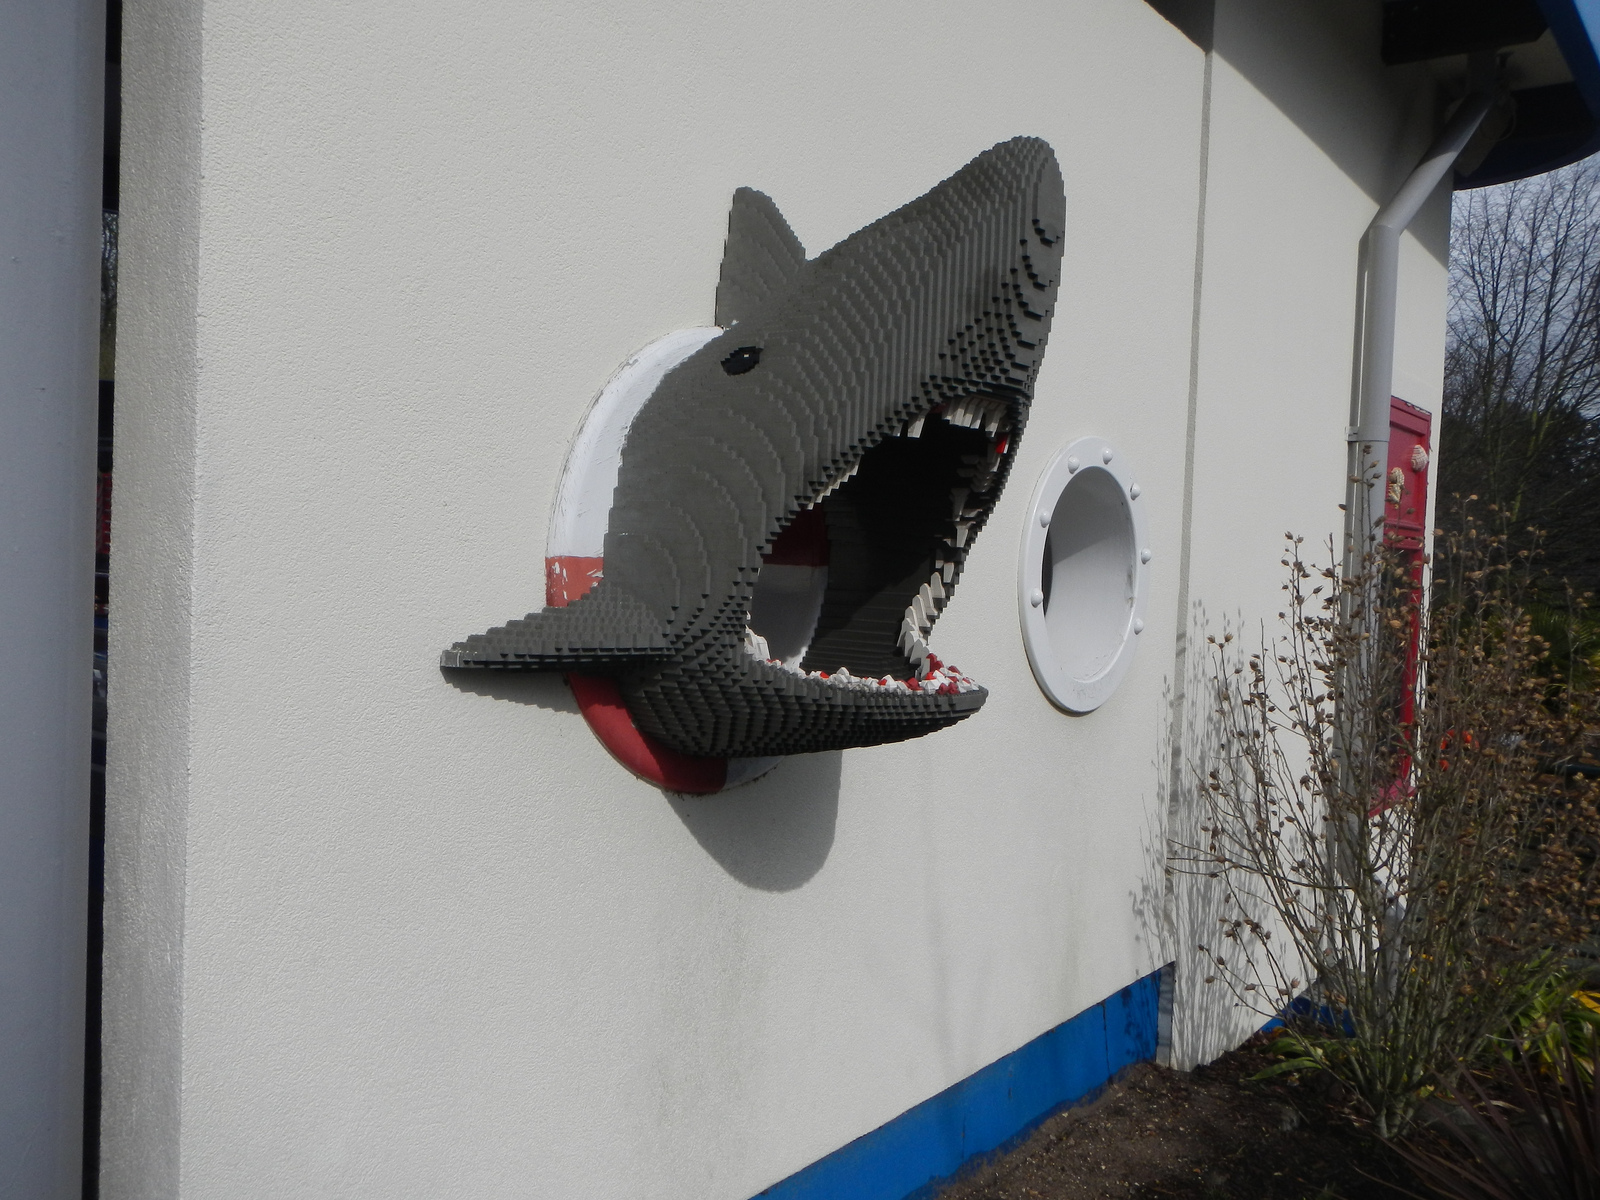 Lego Shark Attack!